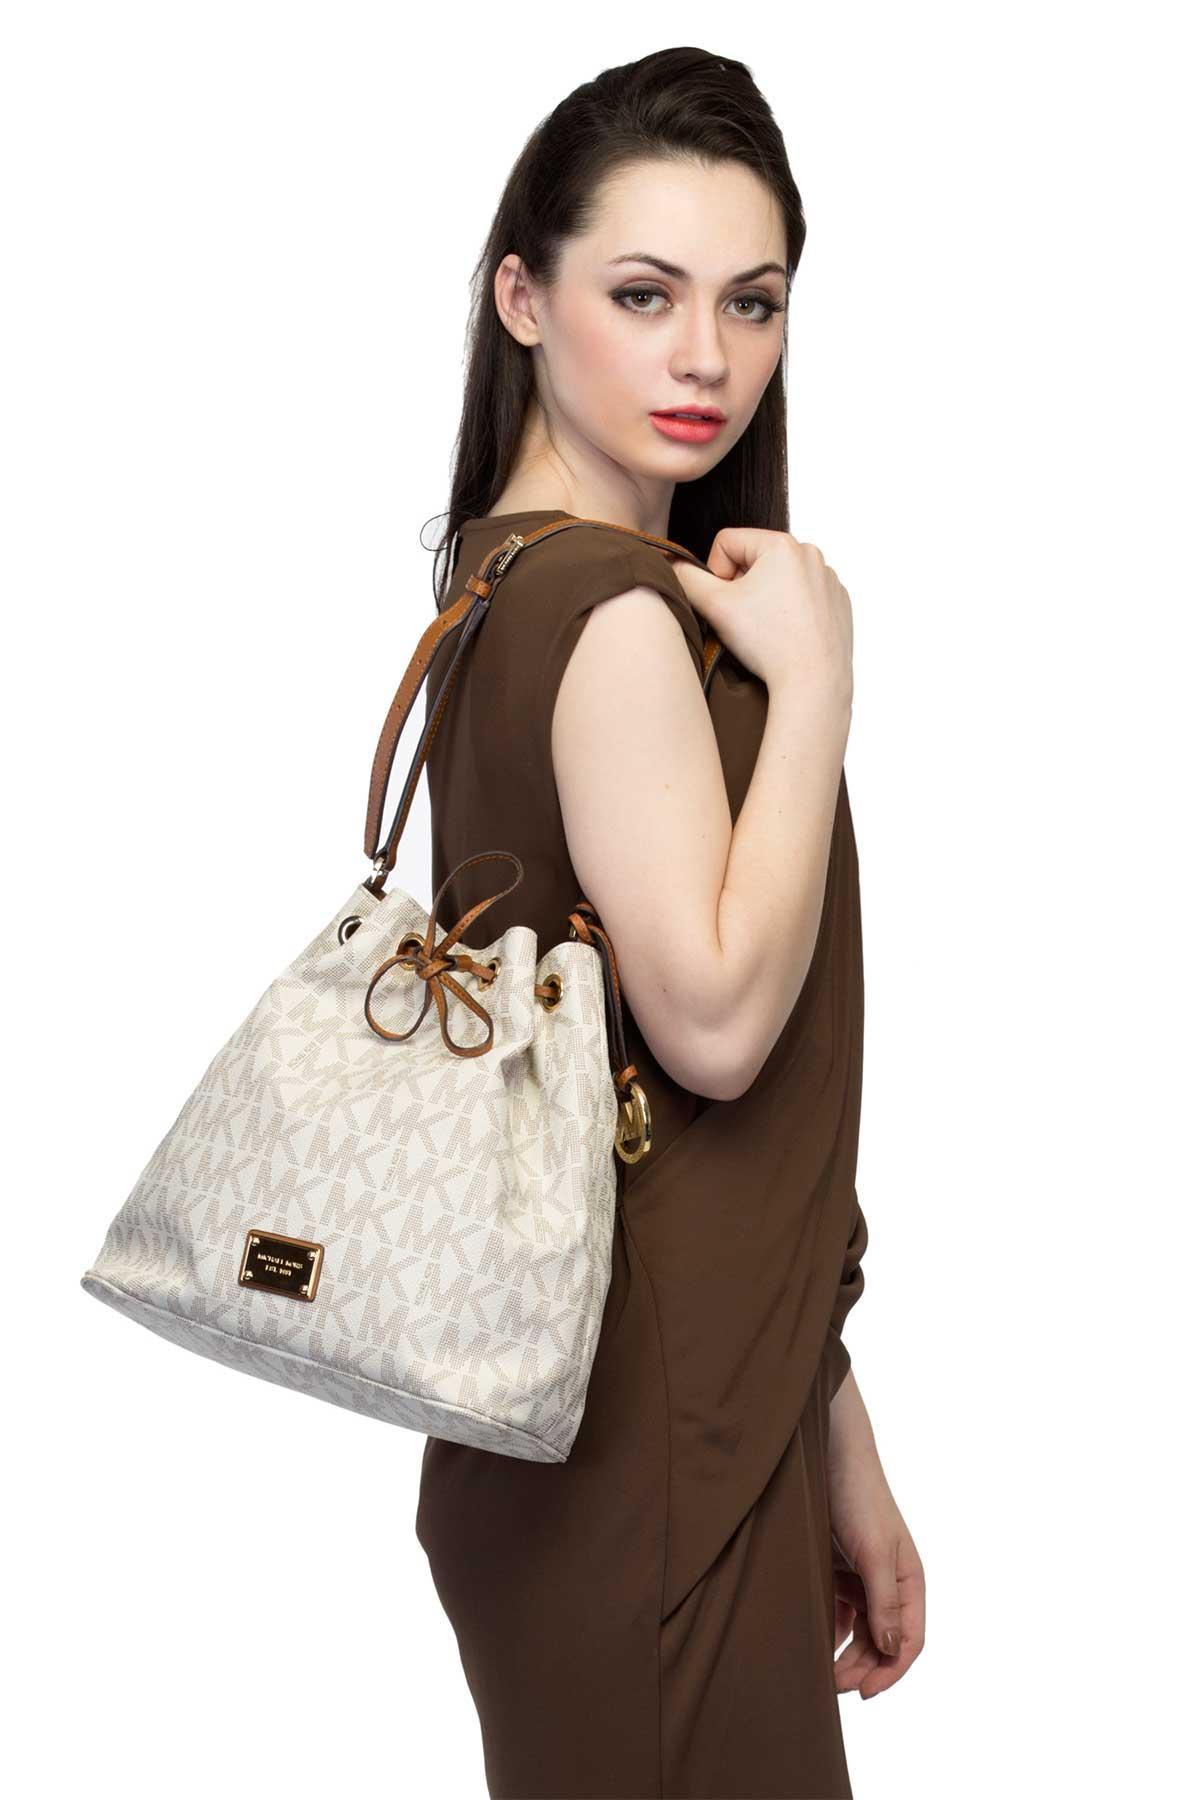 d3e8029918648e ... Michael Kors bags Drewstring Shoulder Bag Vanilla handbag for rent